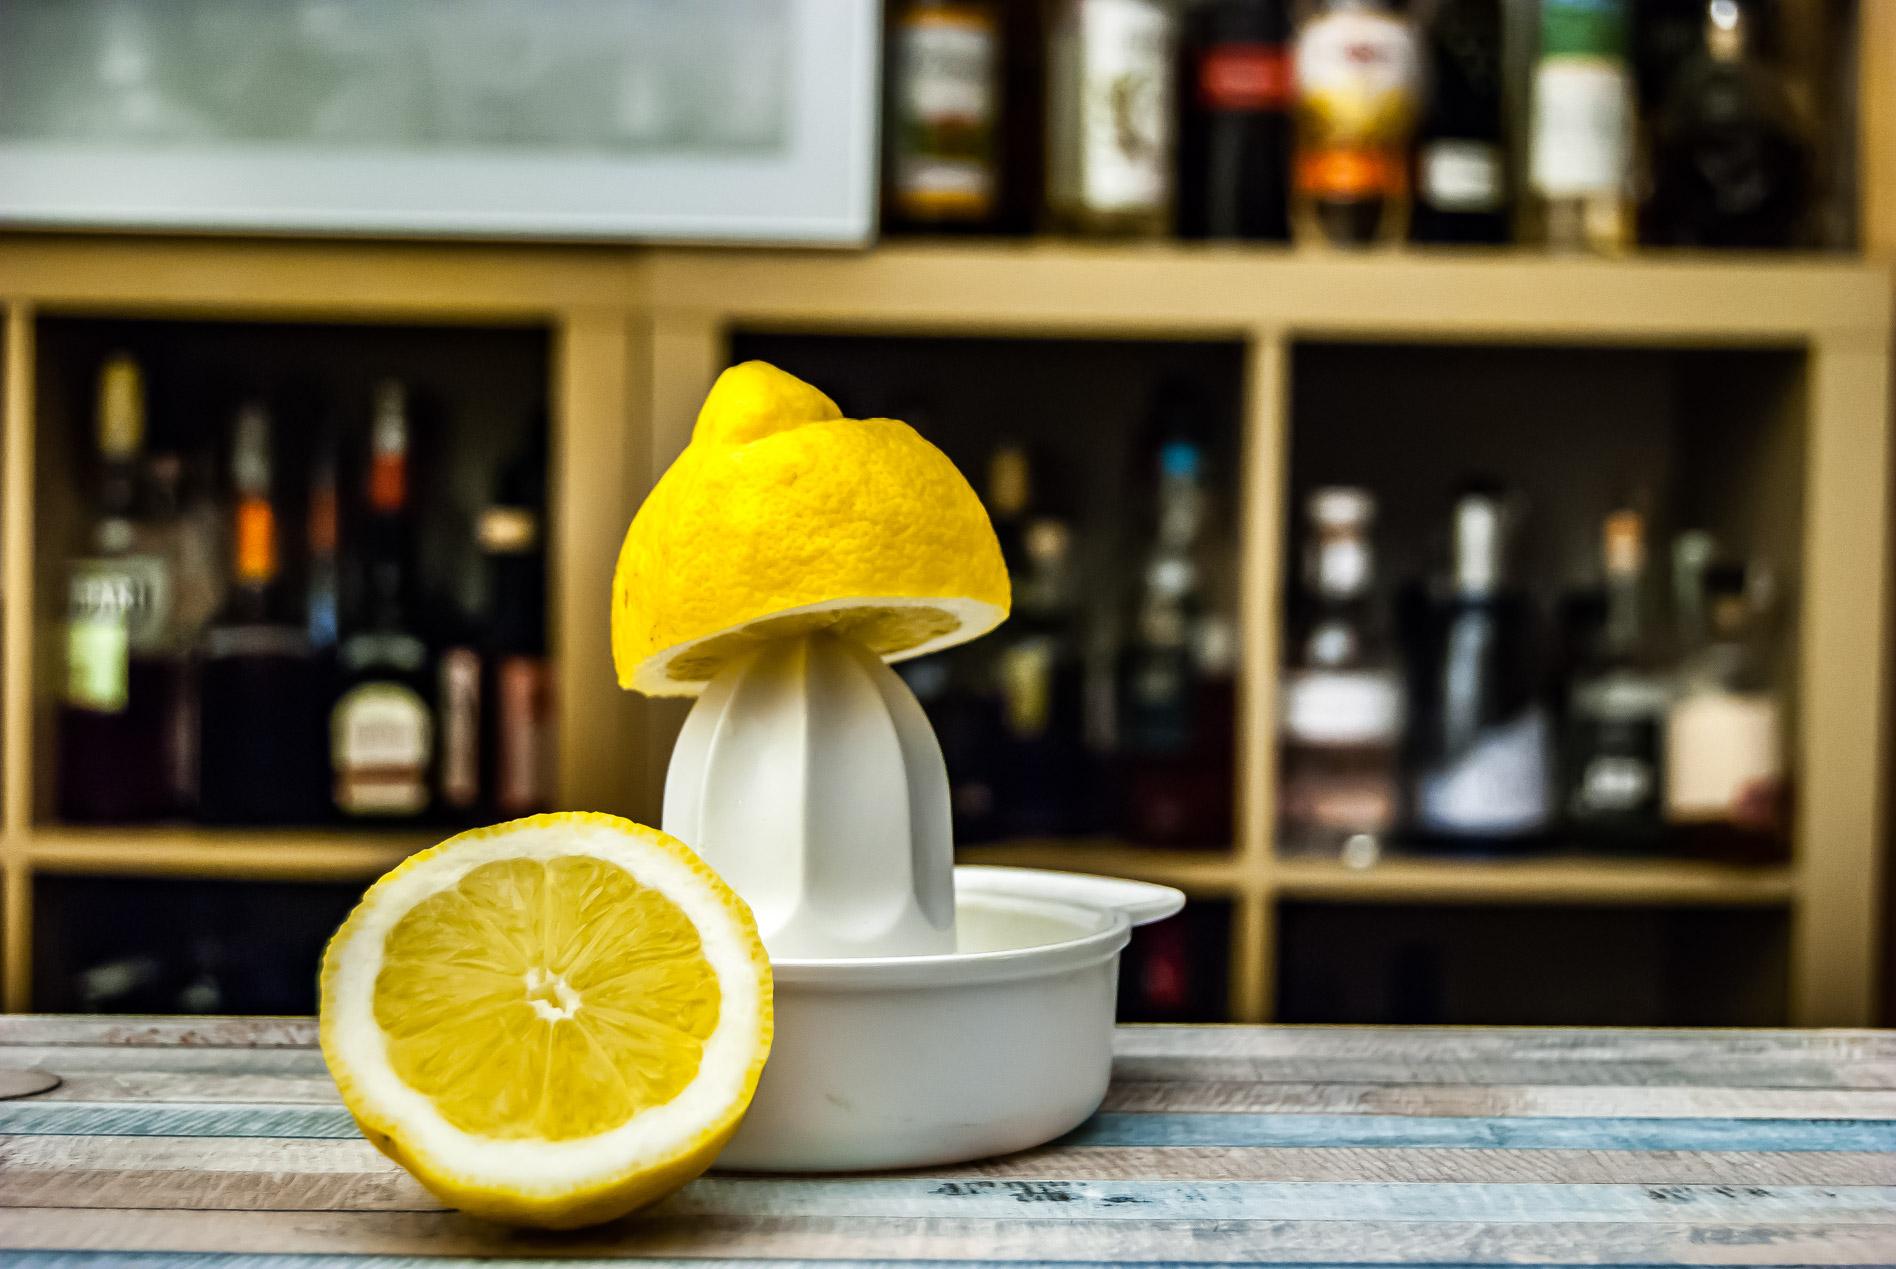 Einen Zitronenpresse, wie sie praktisch jeder zu Hause hat - das Ding nimmt sich auch Orangen und Grapefruits zur Brust.